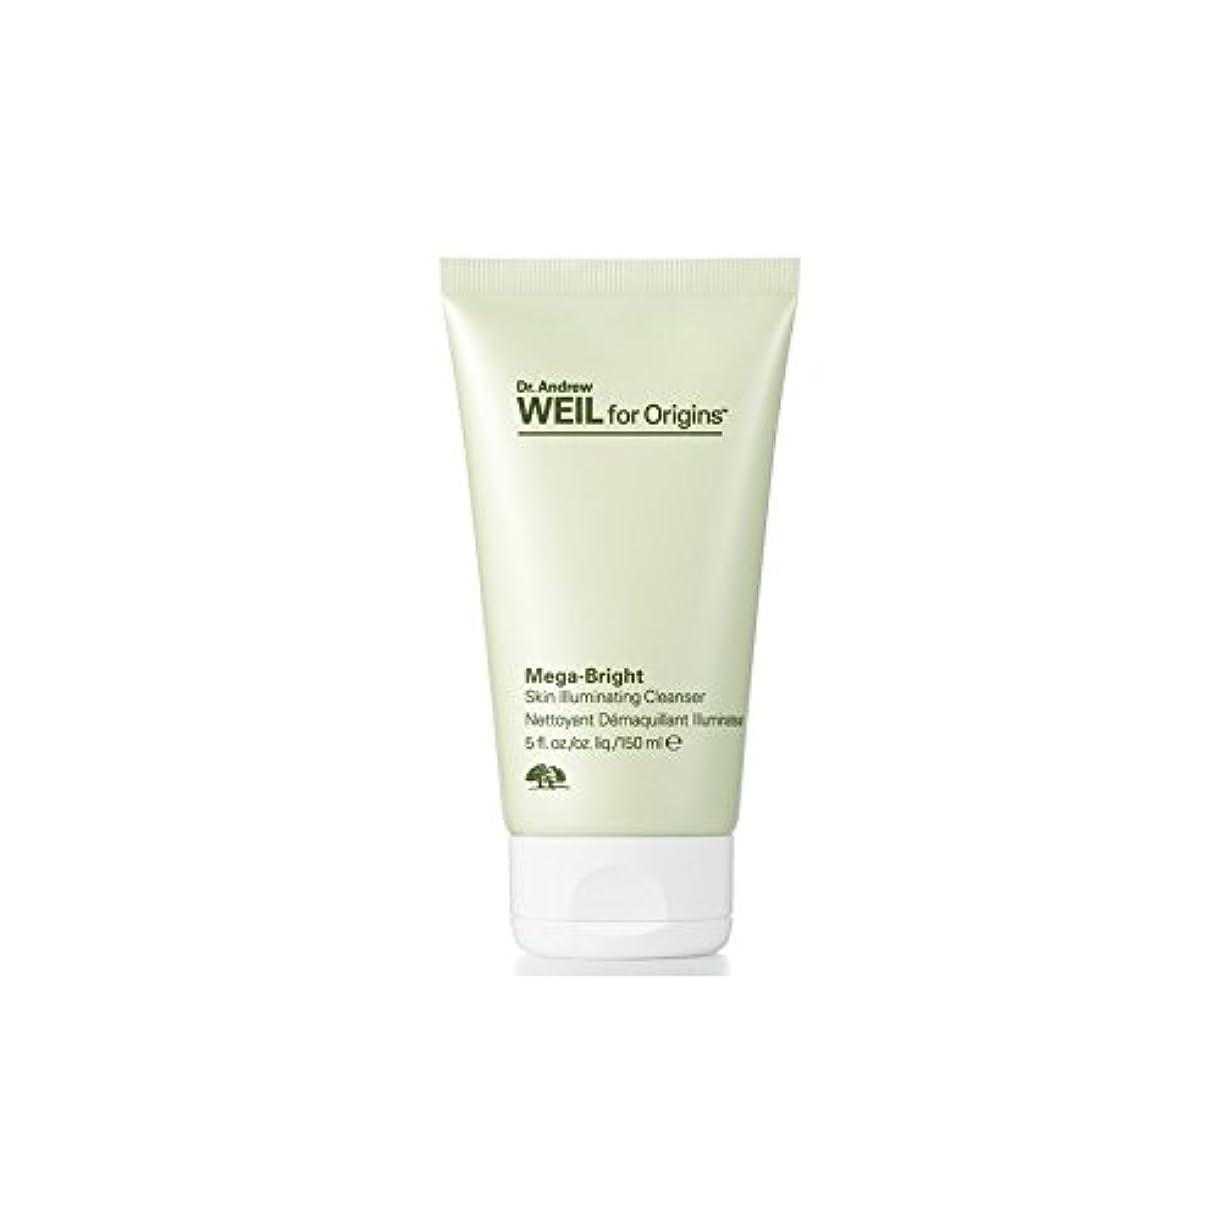 スプーンお金ゴム上回るOrigins Dr. Andrew Weil For Origins? Mega-Bright Skin Illuminating Cleanser 150ml (Pack of 6) - 起源アンドルー?ワイルクレンザー150ミリリットルを照らすメガ明るい肌?起源について x6 [並行輸入品]